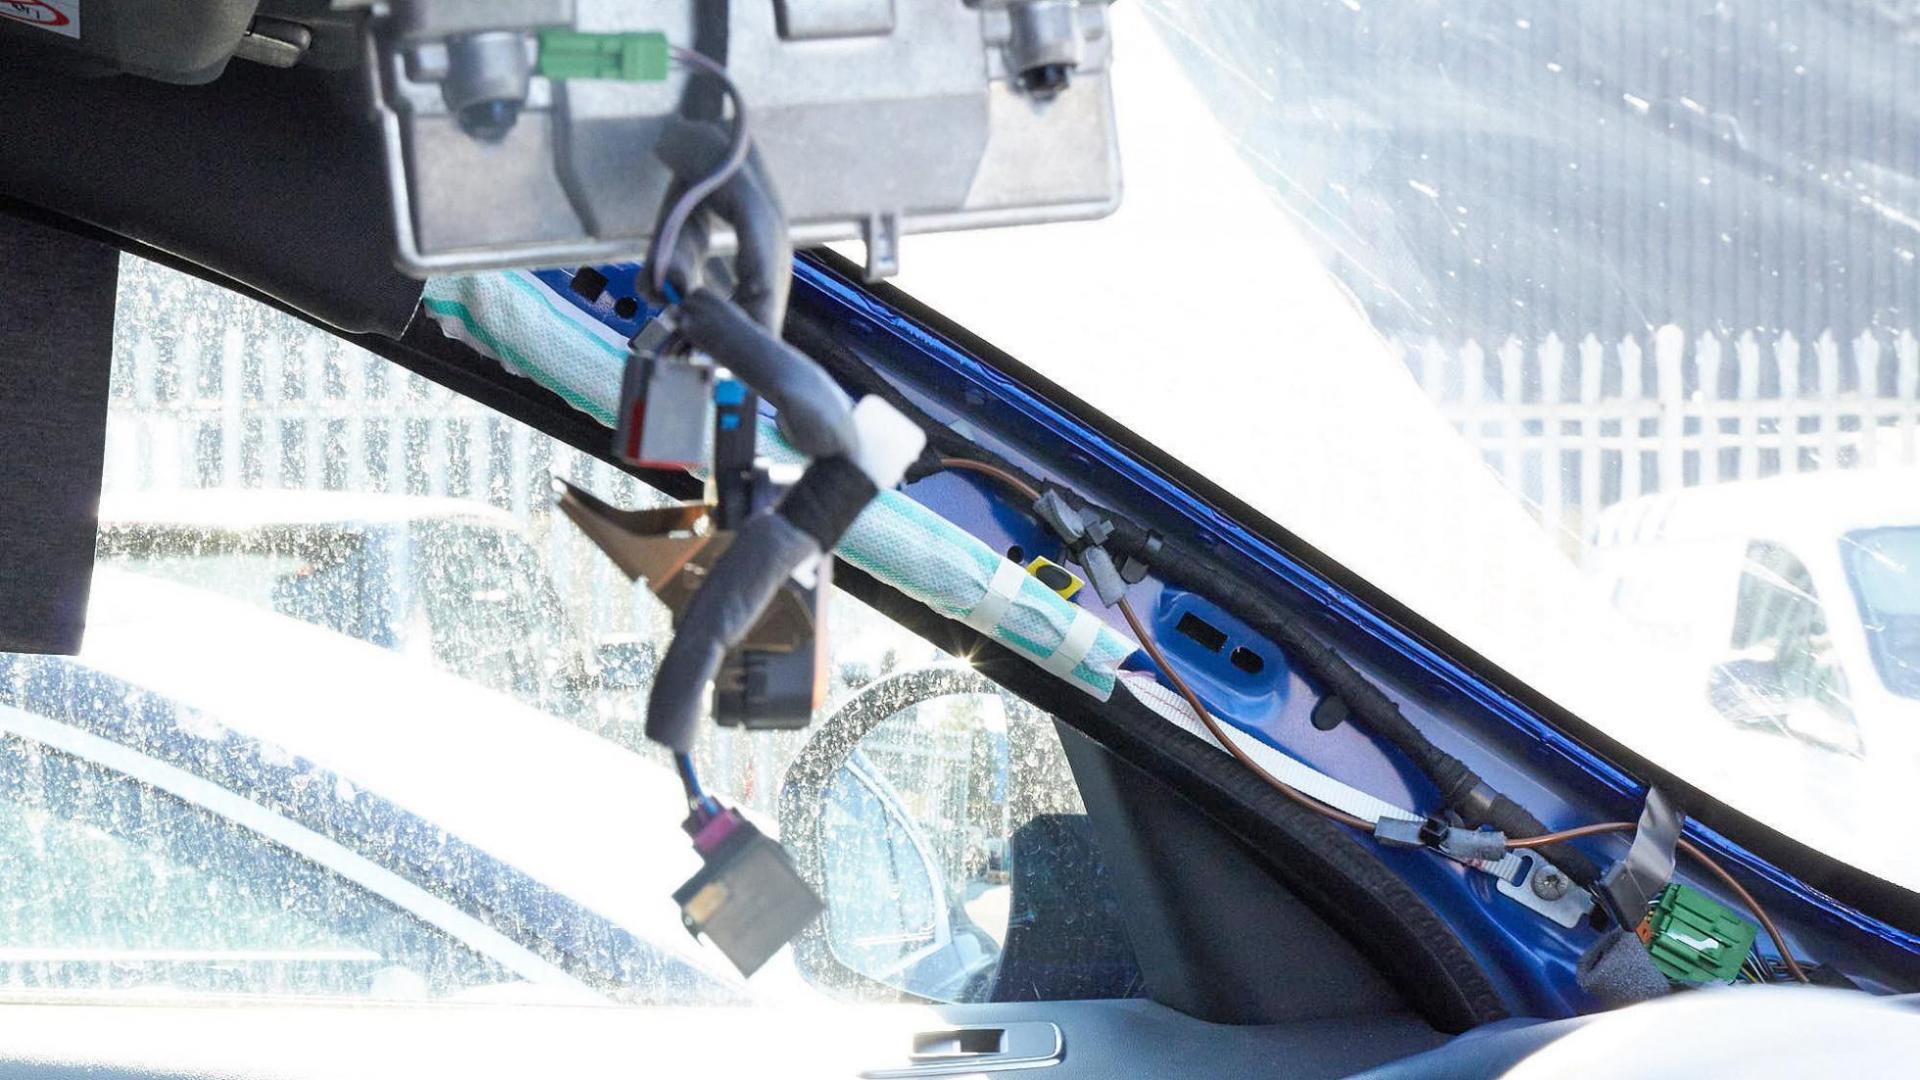 ruitschade barst in ruit rijhulpsysteem camera sensor